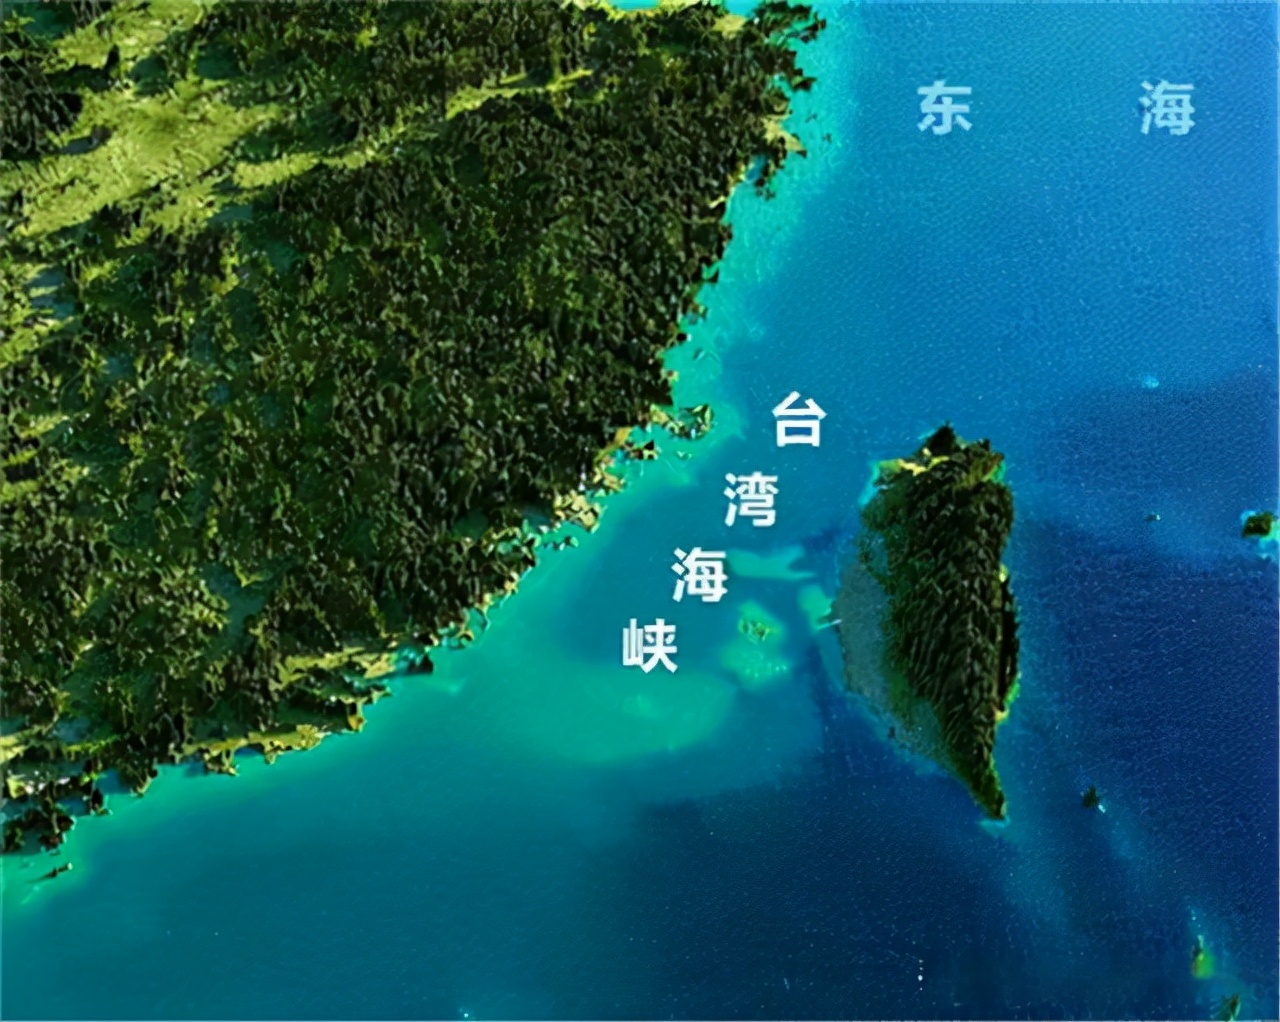 金灿荣:明说了,美国高调介入台海,中国大陆要做好应对准备